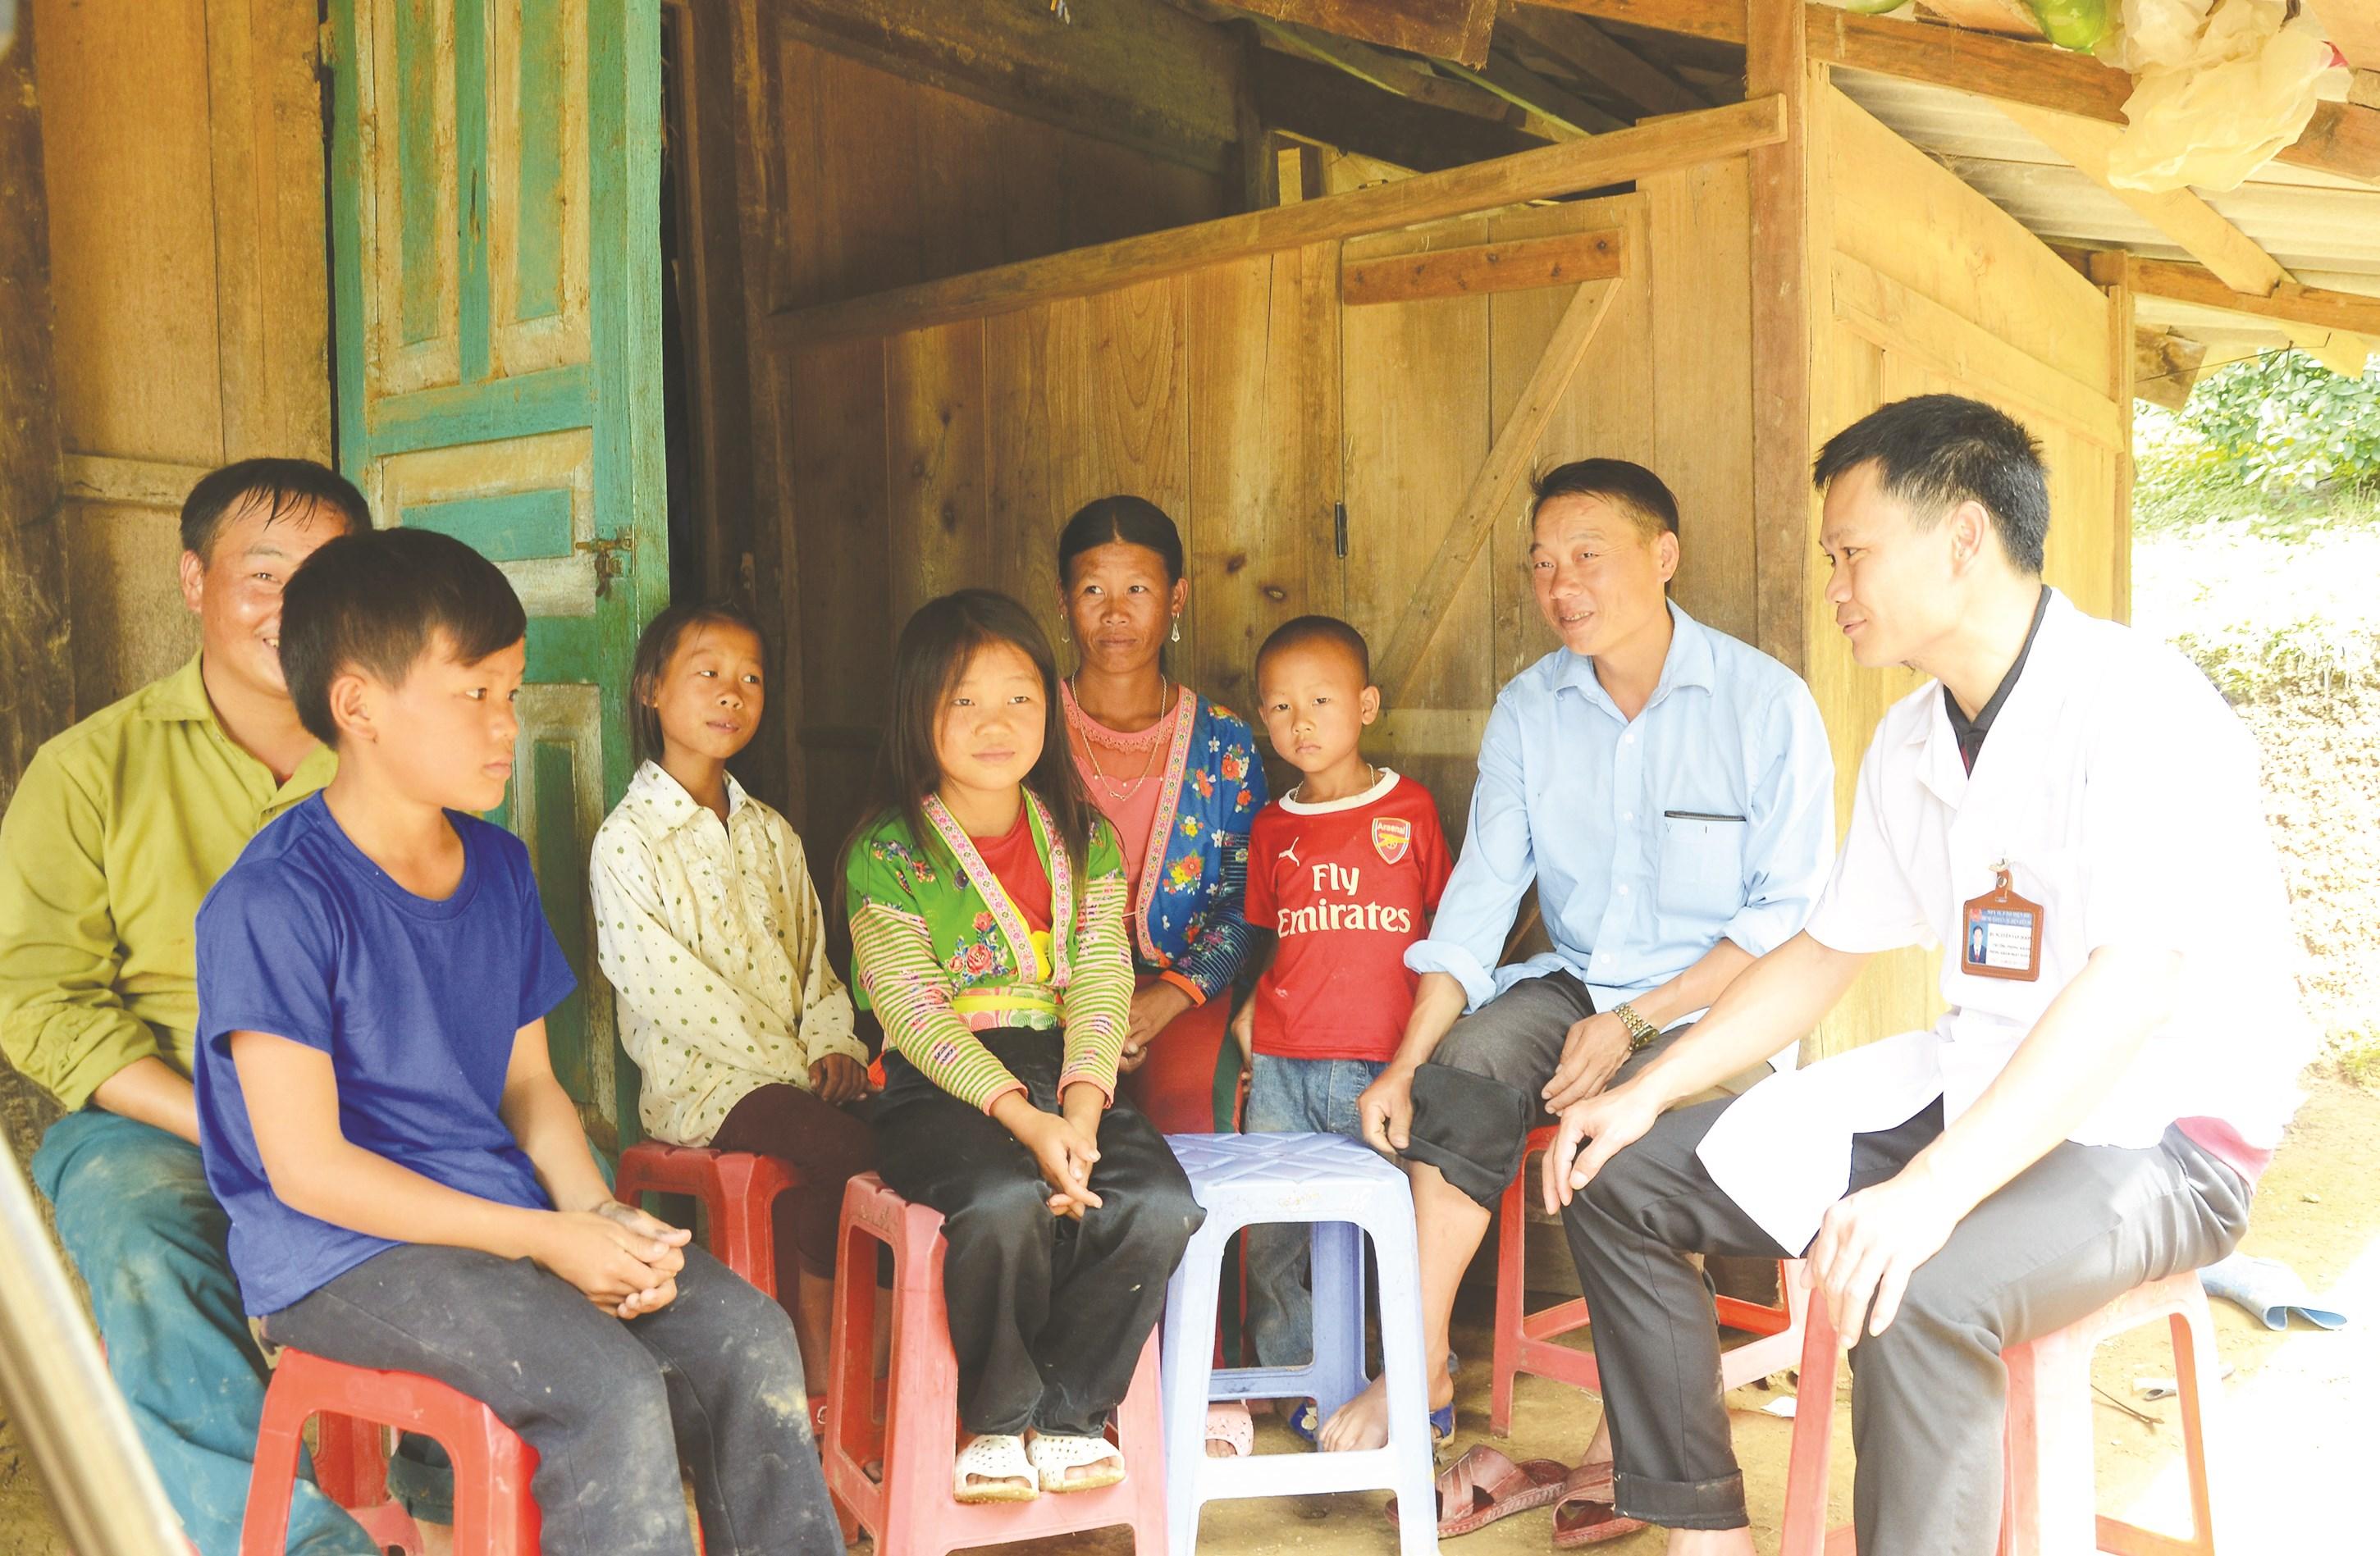 Cán bộ dân số tuyên truyền chính sách dân số - KHHGÐ tại xã Keo Lôm (huyện Điện Biên Đông).